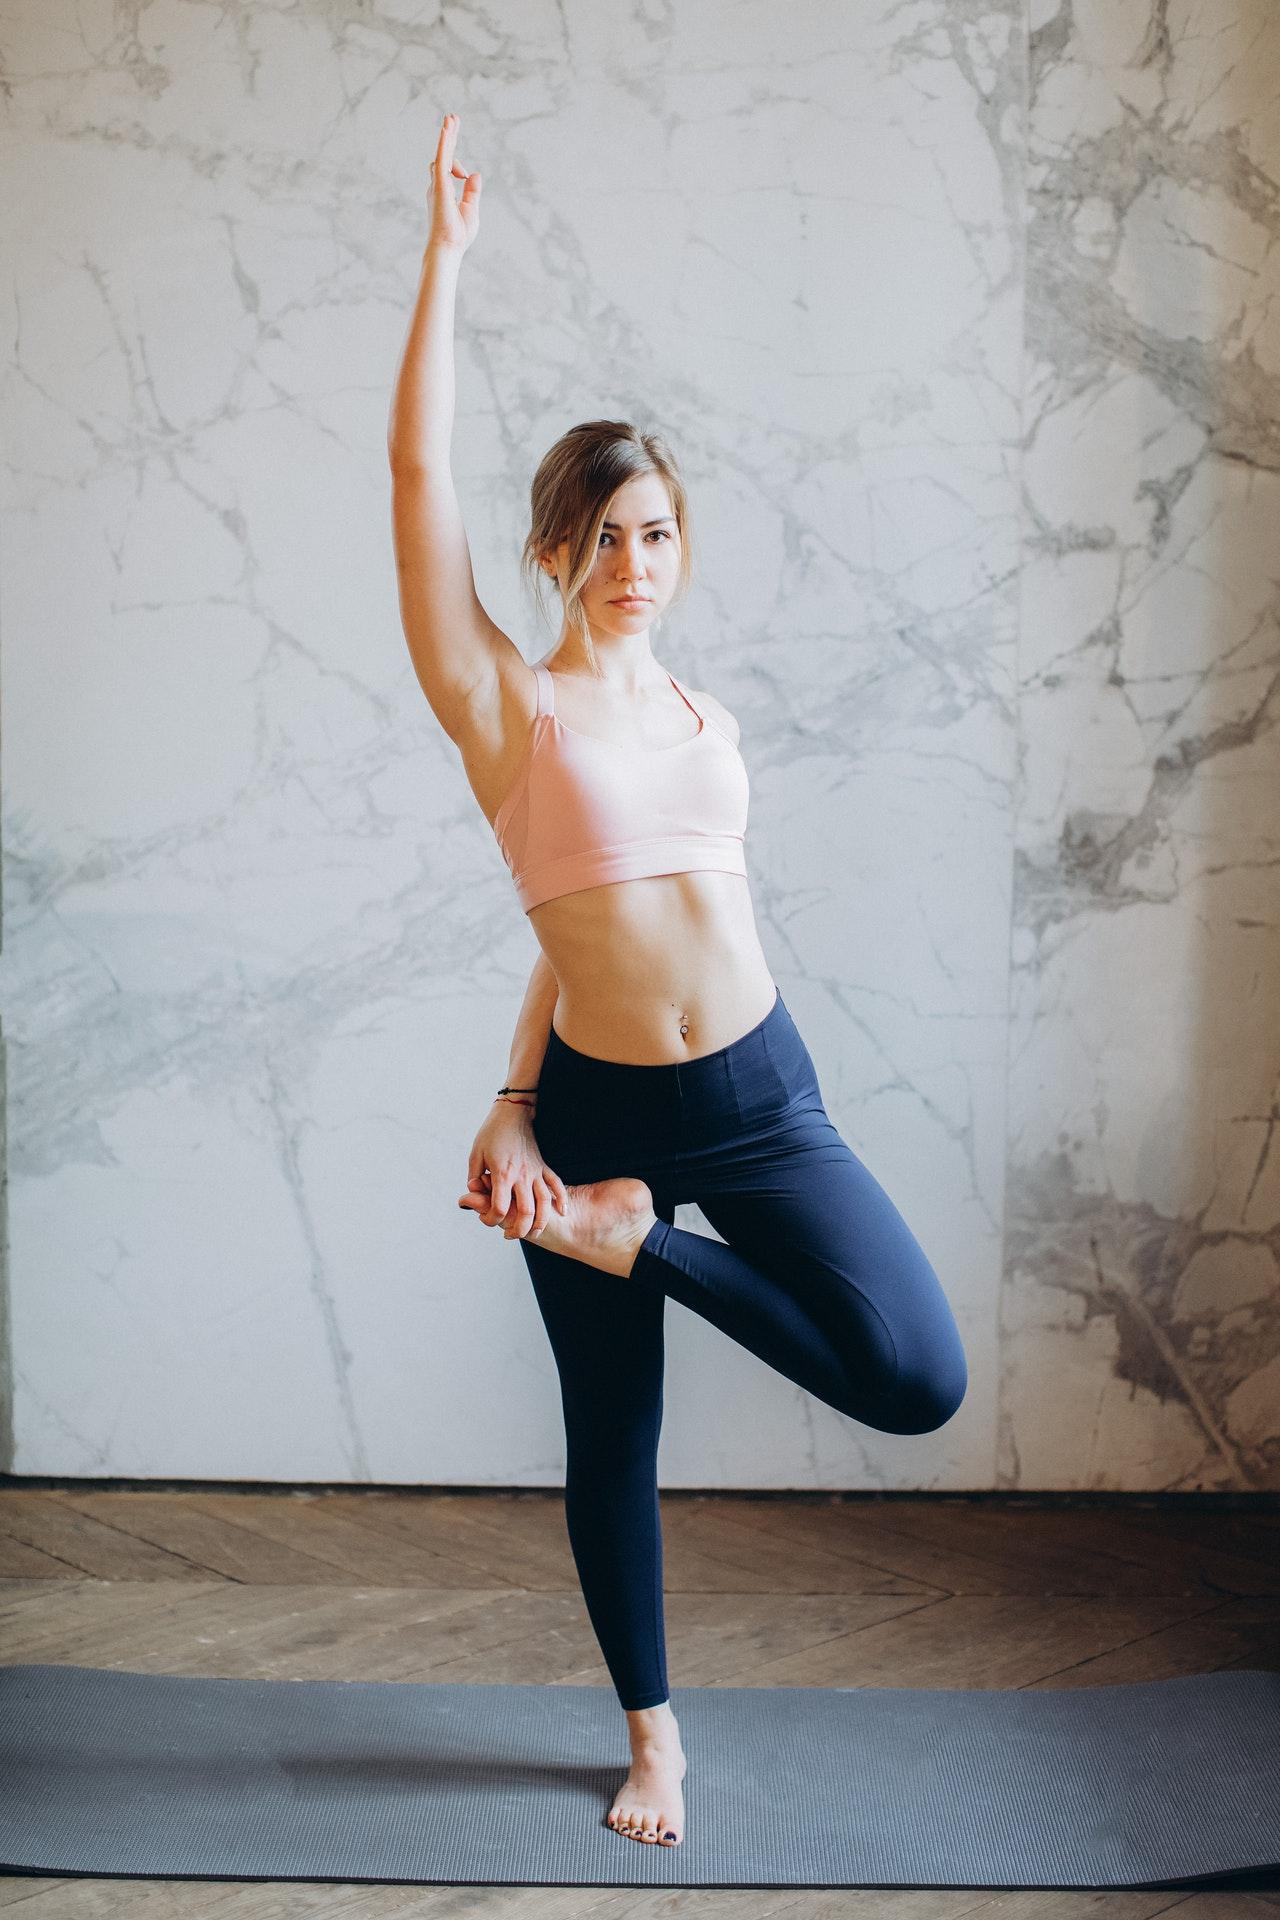 Regelmäßiges üben auf dem Balance-Pad, erhöht langfristig den Gleichgewichtssinn.